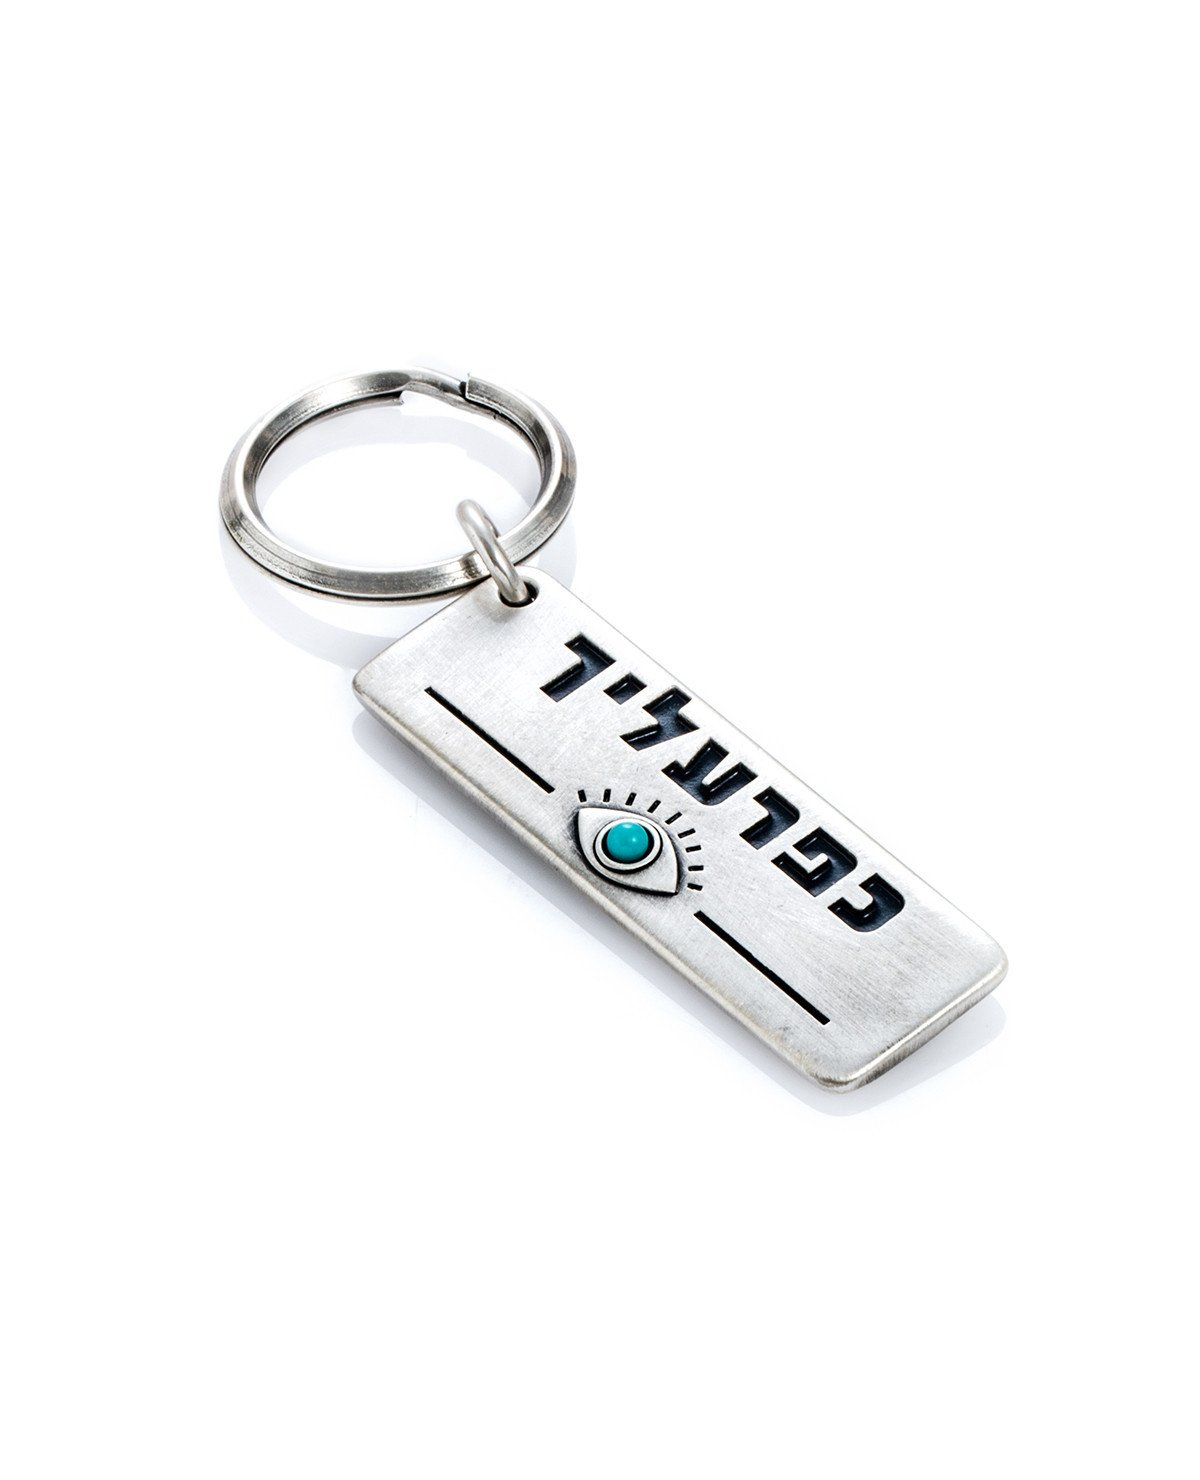 מחזיק מפתחות ברשת ג'נטלמן 59 שח _קרדיט צילום יחצ (4)